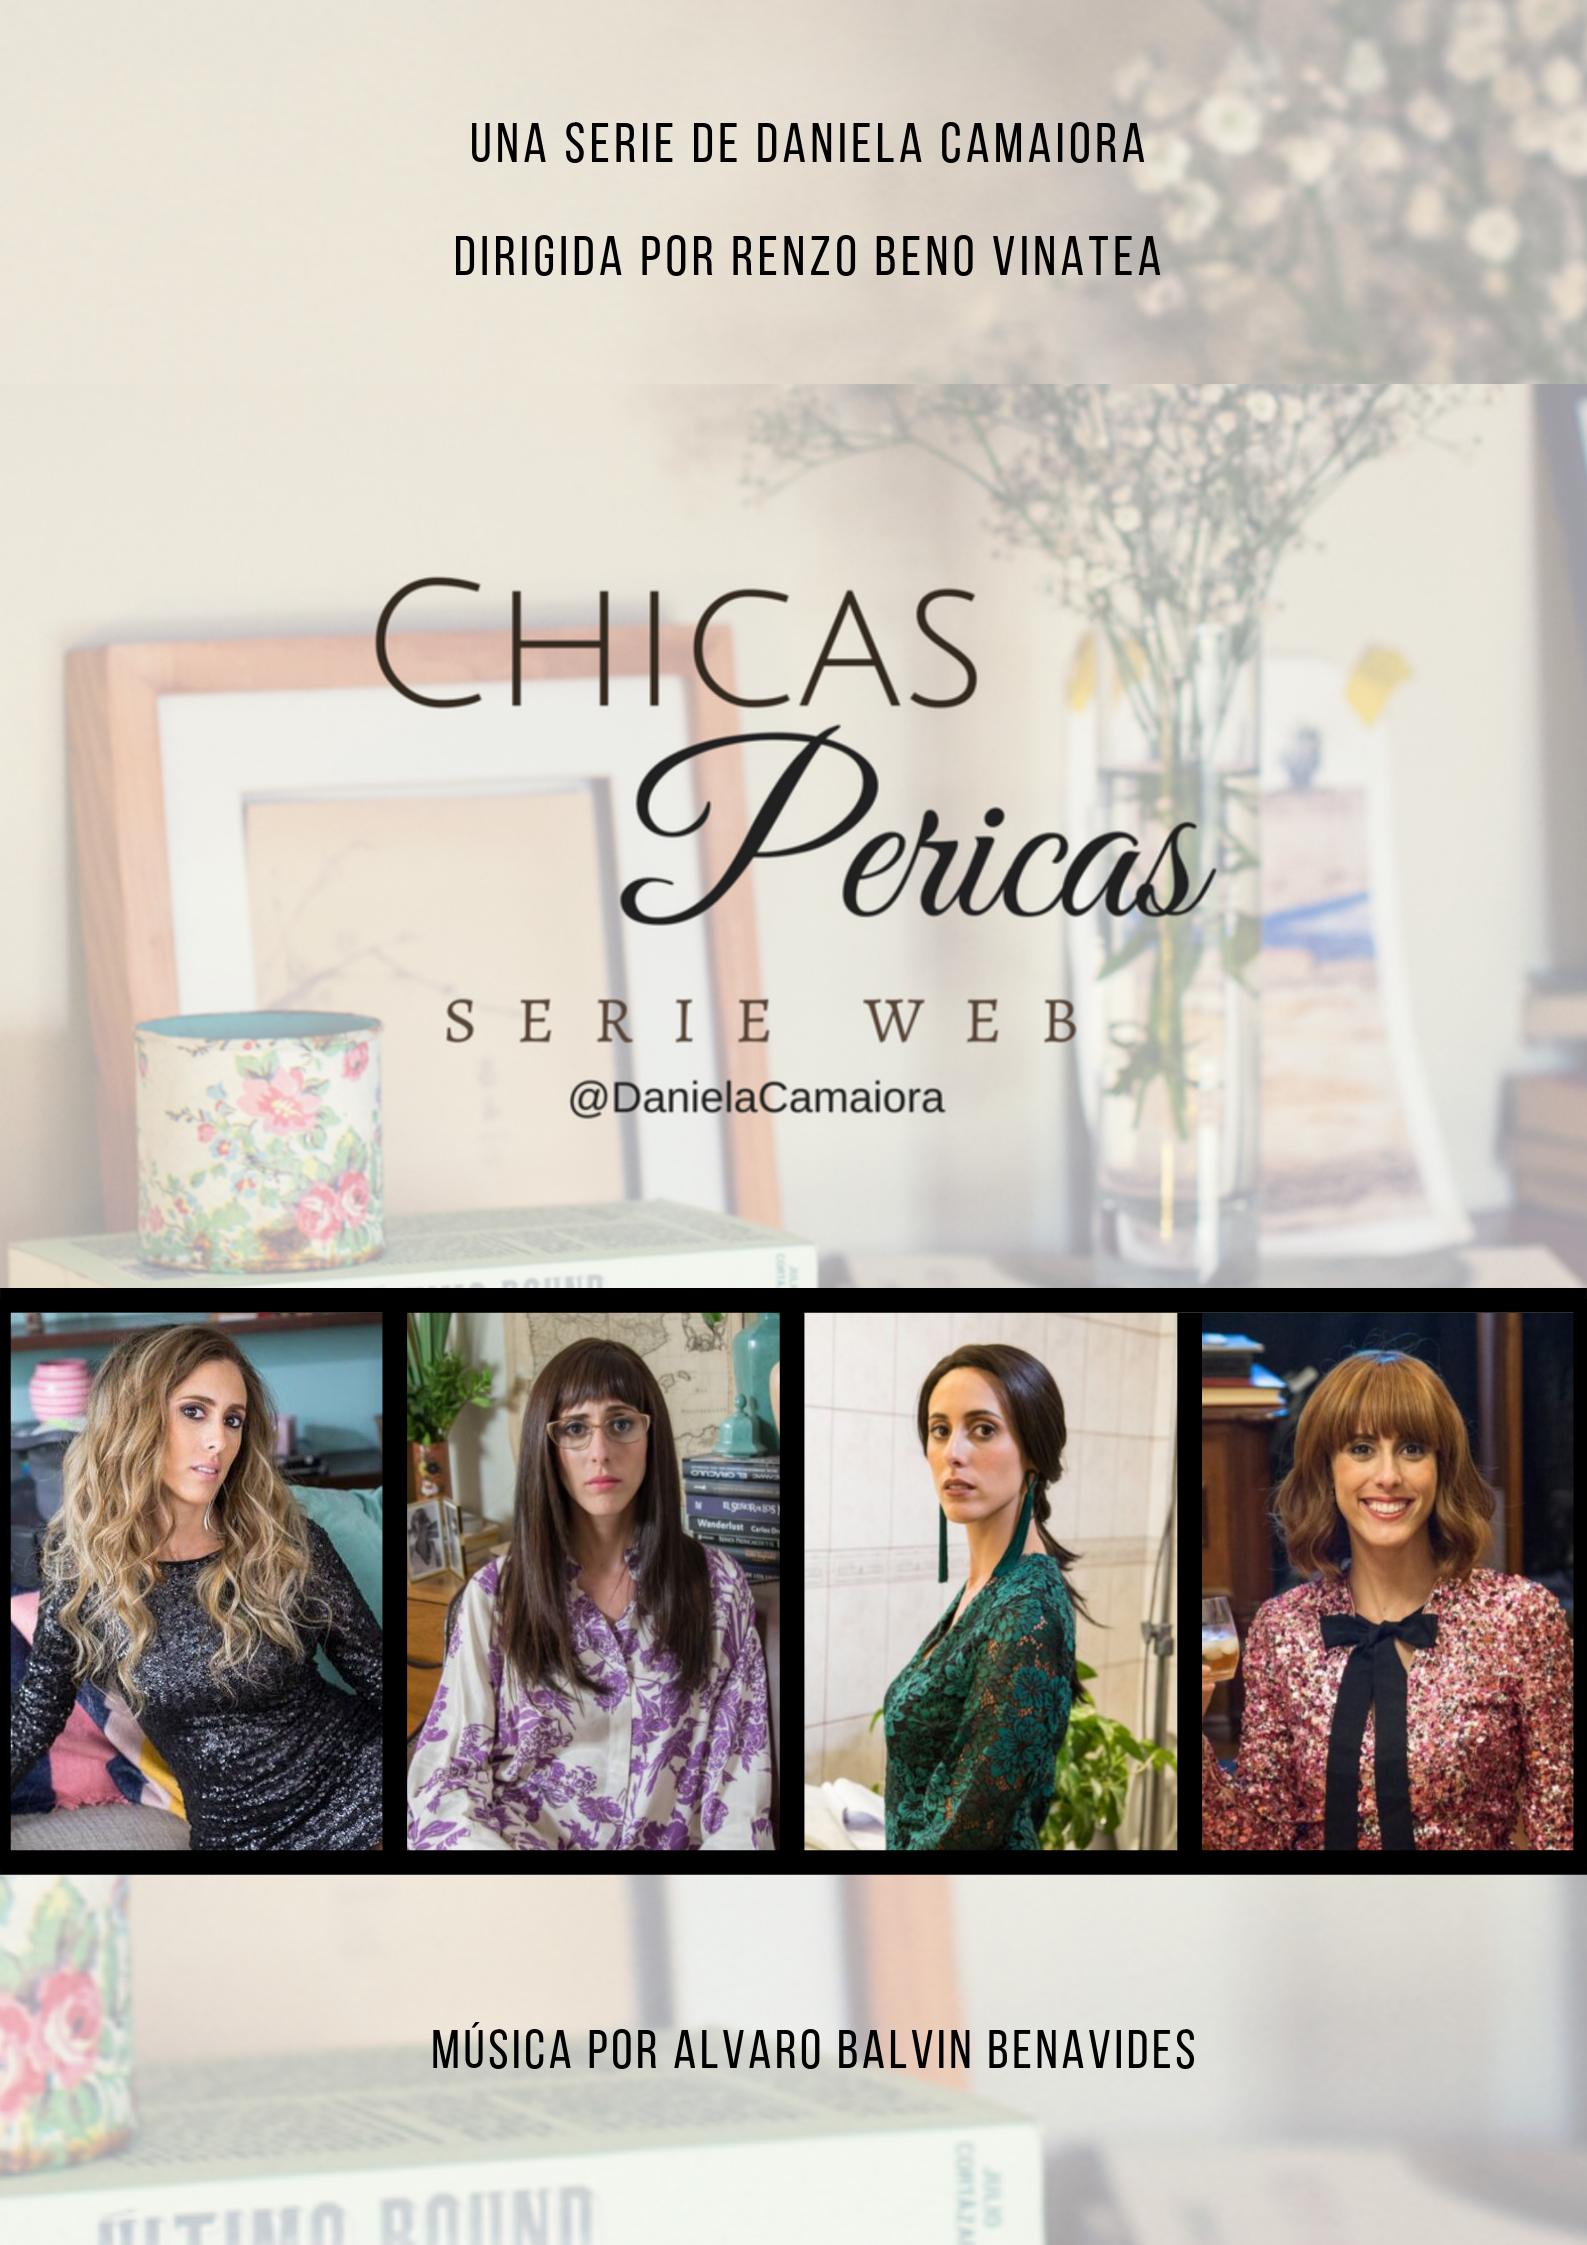 Chicas Pericas - Composer